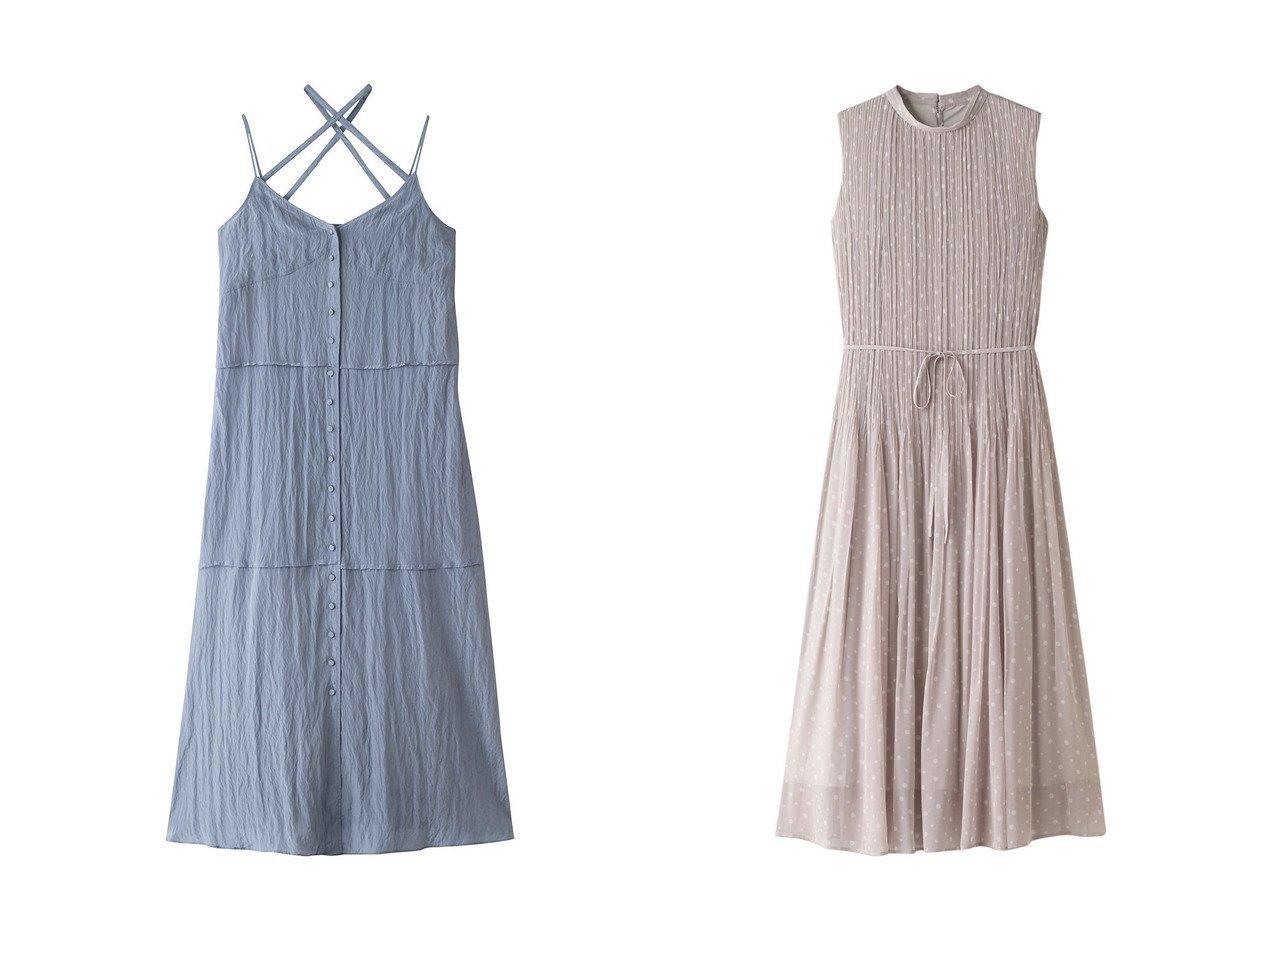 【LE CIEL BLEU/ルシェル ブルー】のマキシキャミドレス&【ANAYI/アナイ】のシフォンドットプリーツワンピース 【ワンピース・ドレス】おすすめ!人気、トレンド・レディースファッションの通販 おすすめで人気の流行・トレンド、ファッションの通販商品 インテリア・家具・メンズファッション・キッズファッション・レディースファッション・服の通販 founy(ファニー) https://founy.com/ ファッション Fashion レディースファッション WOMEN トップス・カットソー Tops/Tshirt キャミソール / ノースリーブ No Sleeves ワンピース Dress ドレス Party Dresses 2021年 2021 2021-2022秋冬・A/W AW・Autumn/Winter・FW・Fall-Winter・2021-2022 A/W・秋冬 AW・Autumn/Winter・FW・Fall-Winter キャミワンピース ワッシャー 夏 Summer シアー シフォン ドット パーティ フェミニン プリーツ リボン |ID:crp329100000055117